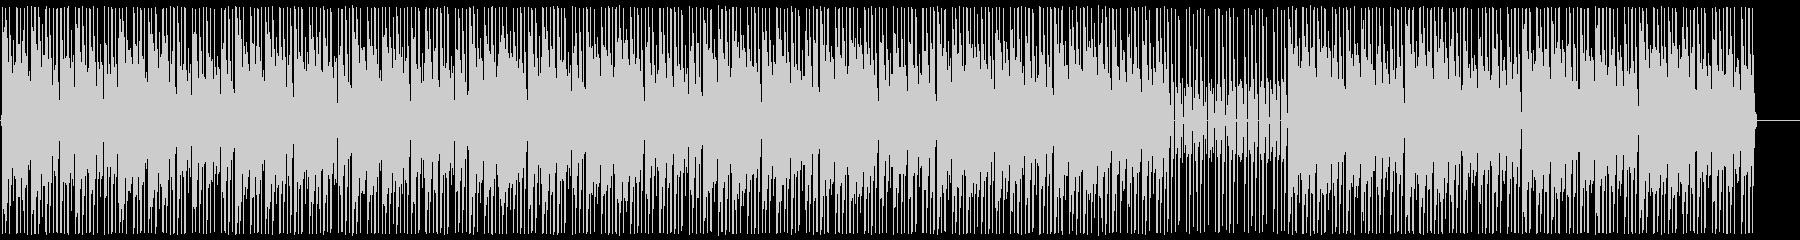 ヒップホップ/シンプル・王道/ギター/2の未再生の波形